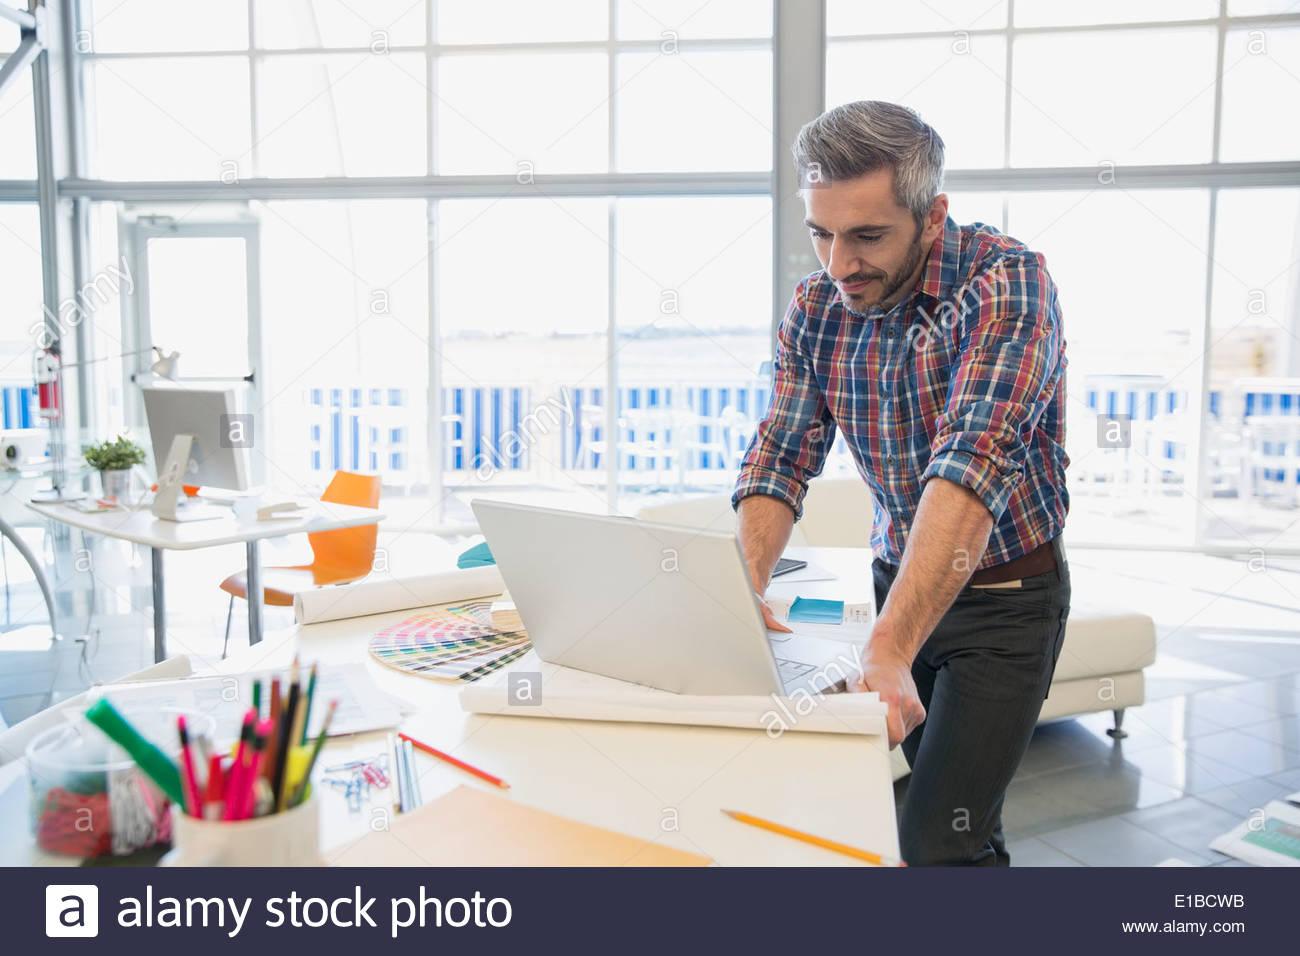 Kreative Geschäftsmann am Laptop im Büro Stockbild